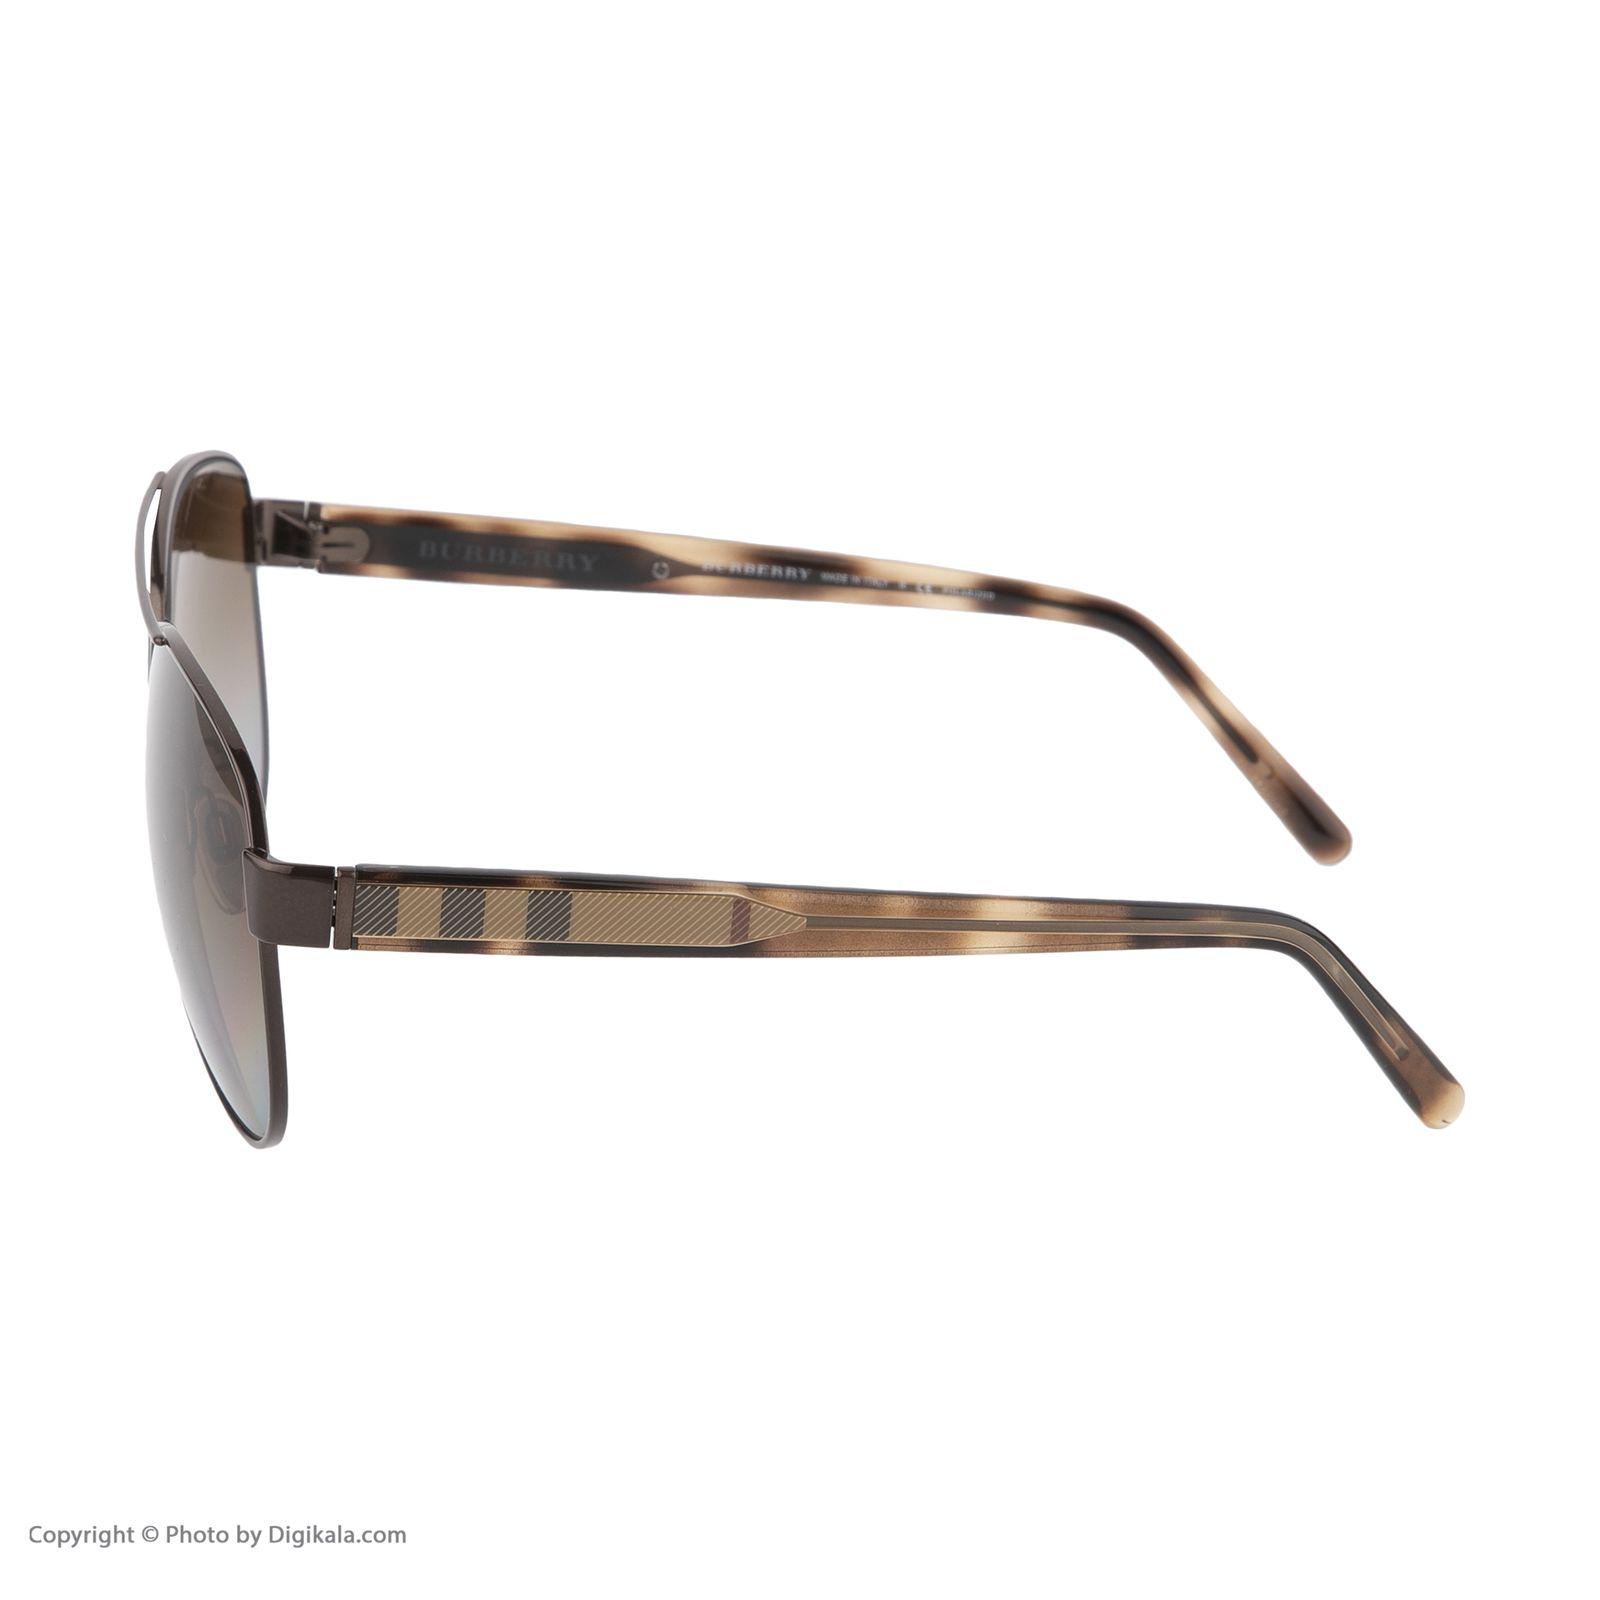 عینک آفتابی زنانه بربری مدل BE 3084S 1226T5 60   -  - 4